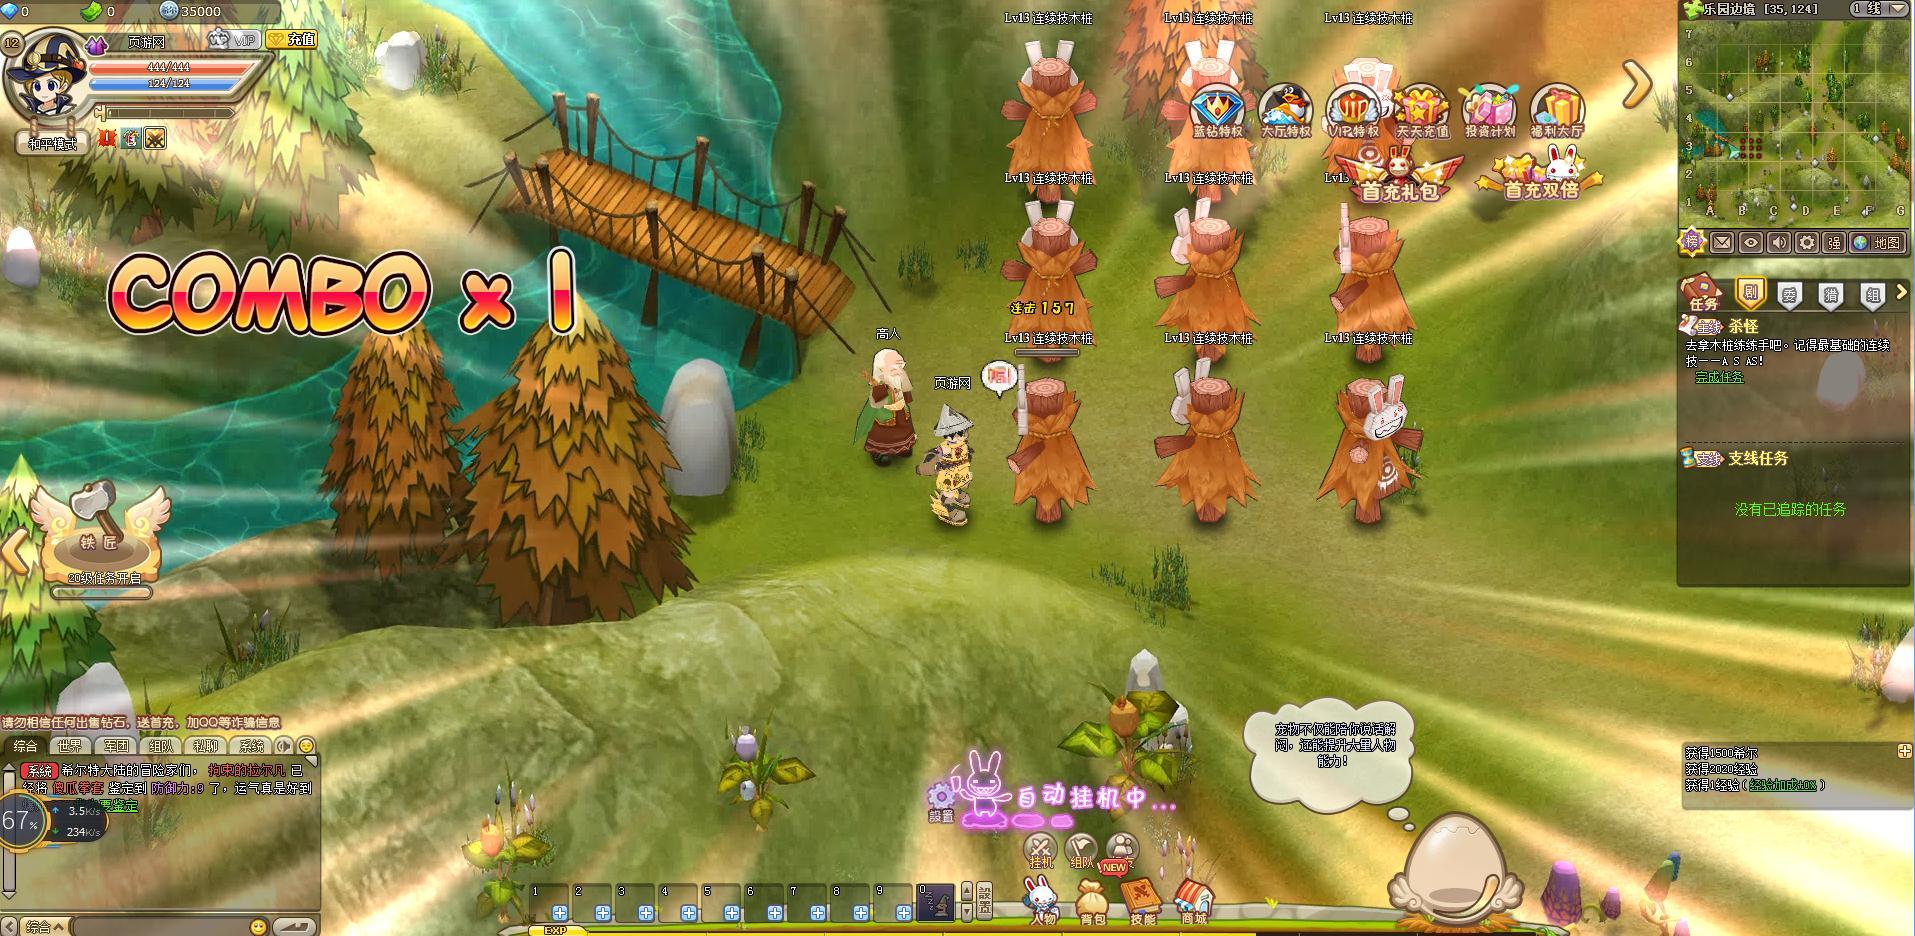 《冒险之门》游戏截图